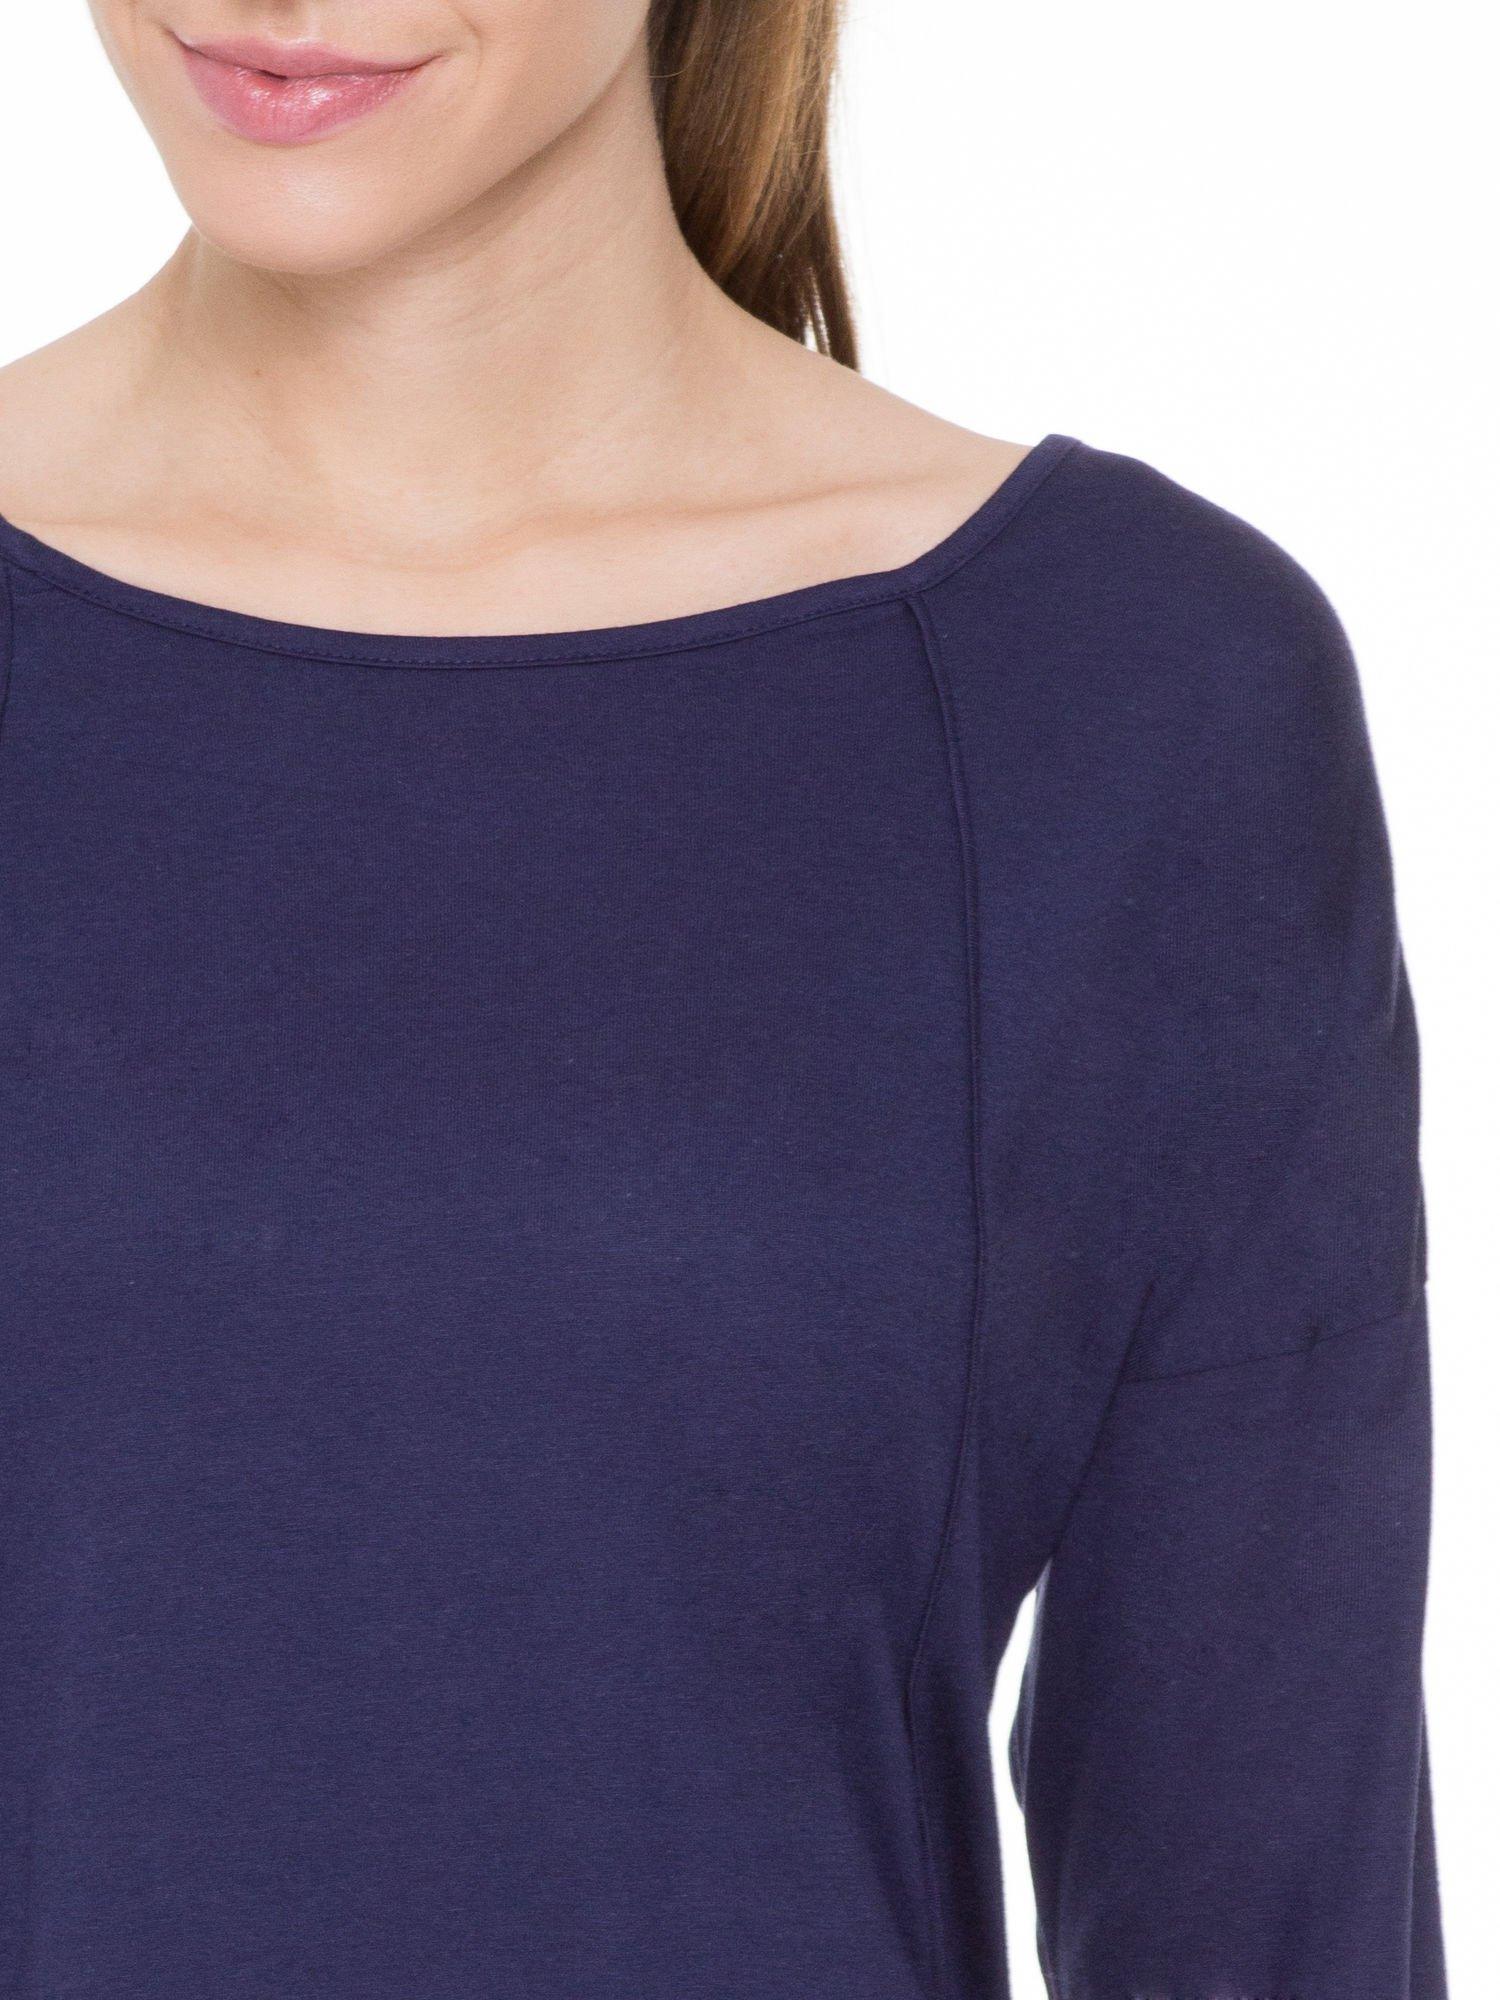 Granatowa gładka bluzka z ozdobnymi przeszyciami                                  zdj.                                  5